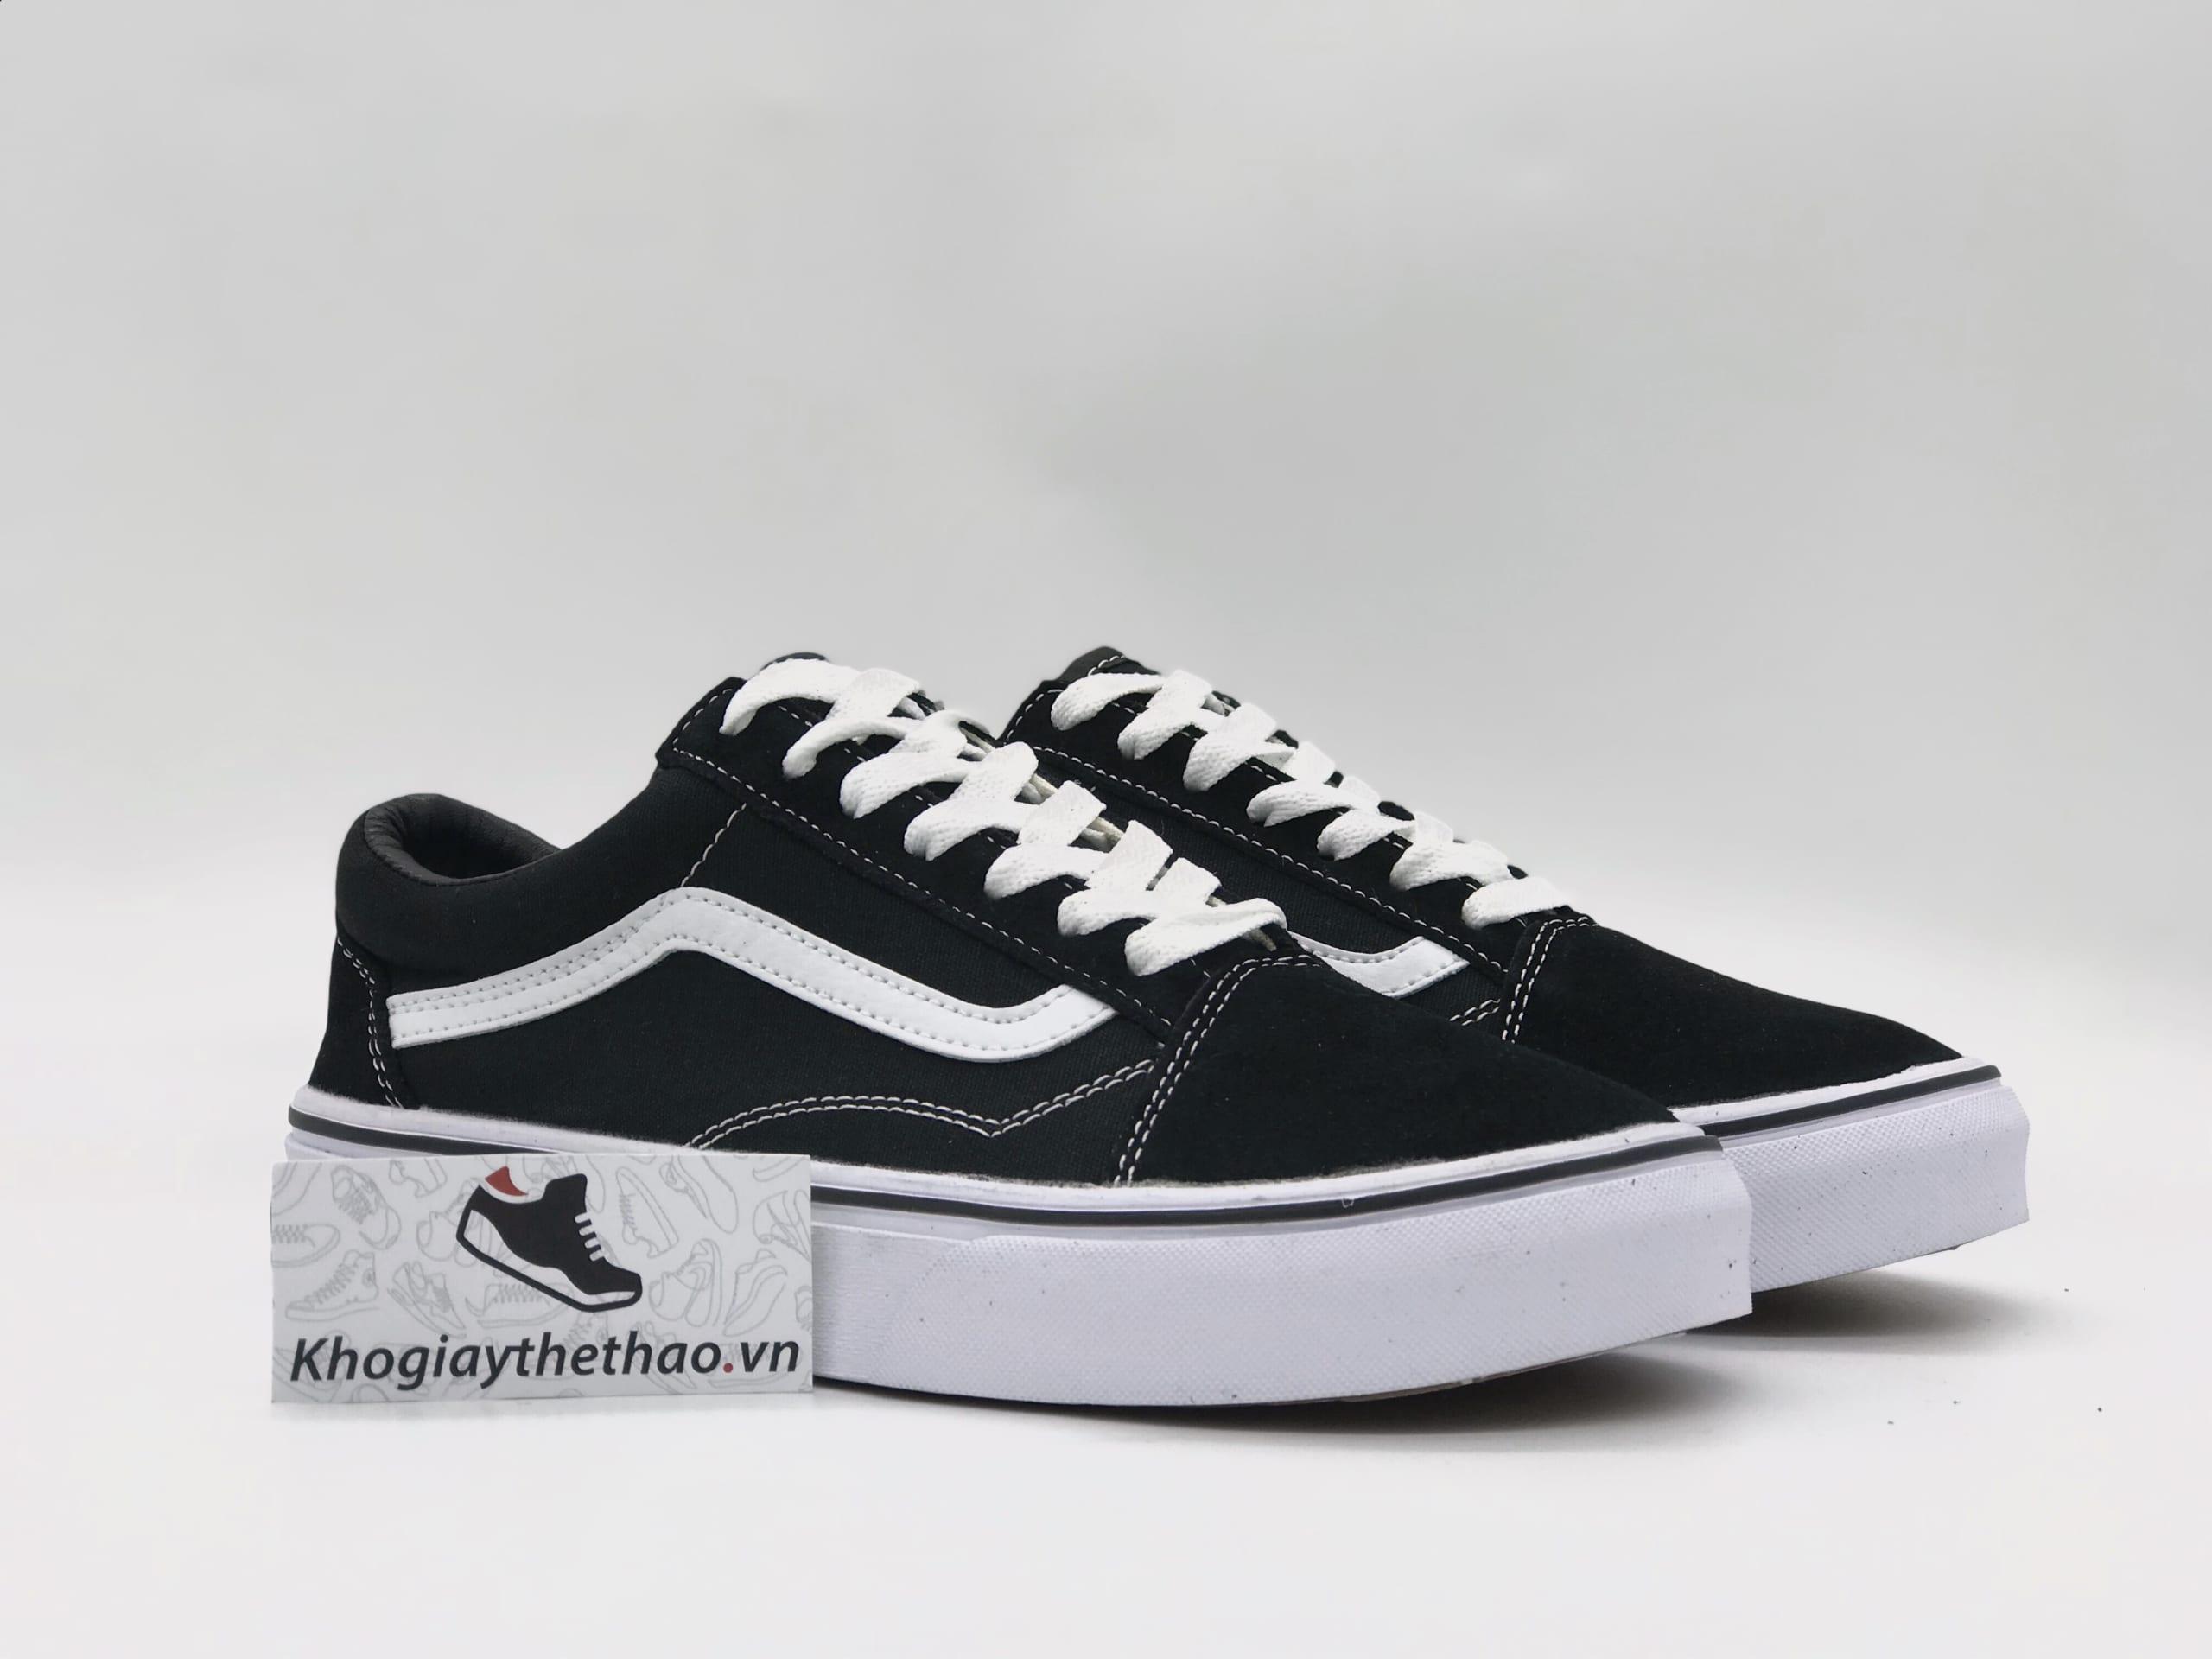 Giày Vans Old Skool đen sọc trắng sf